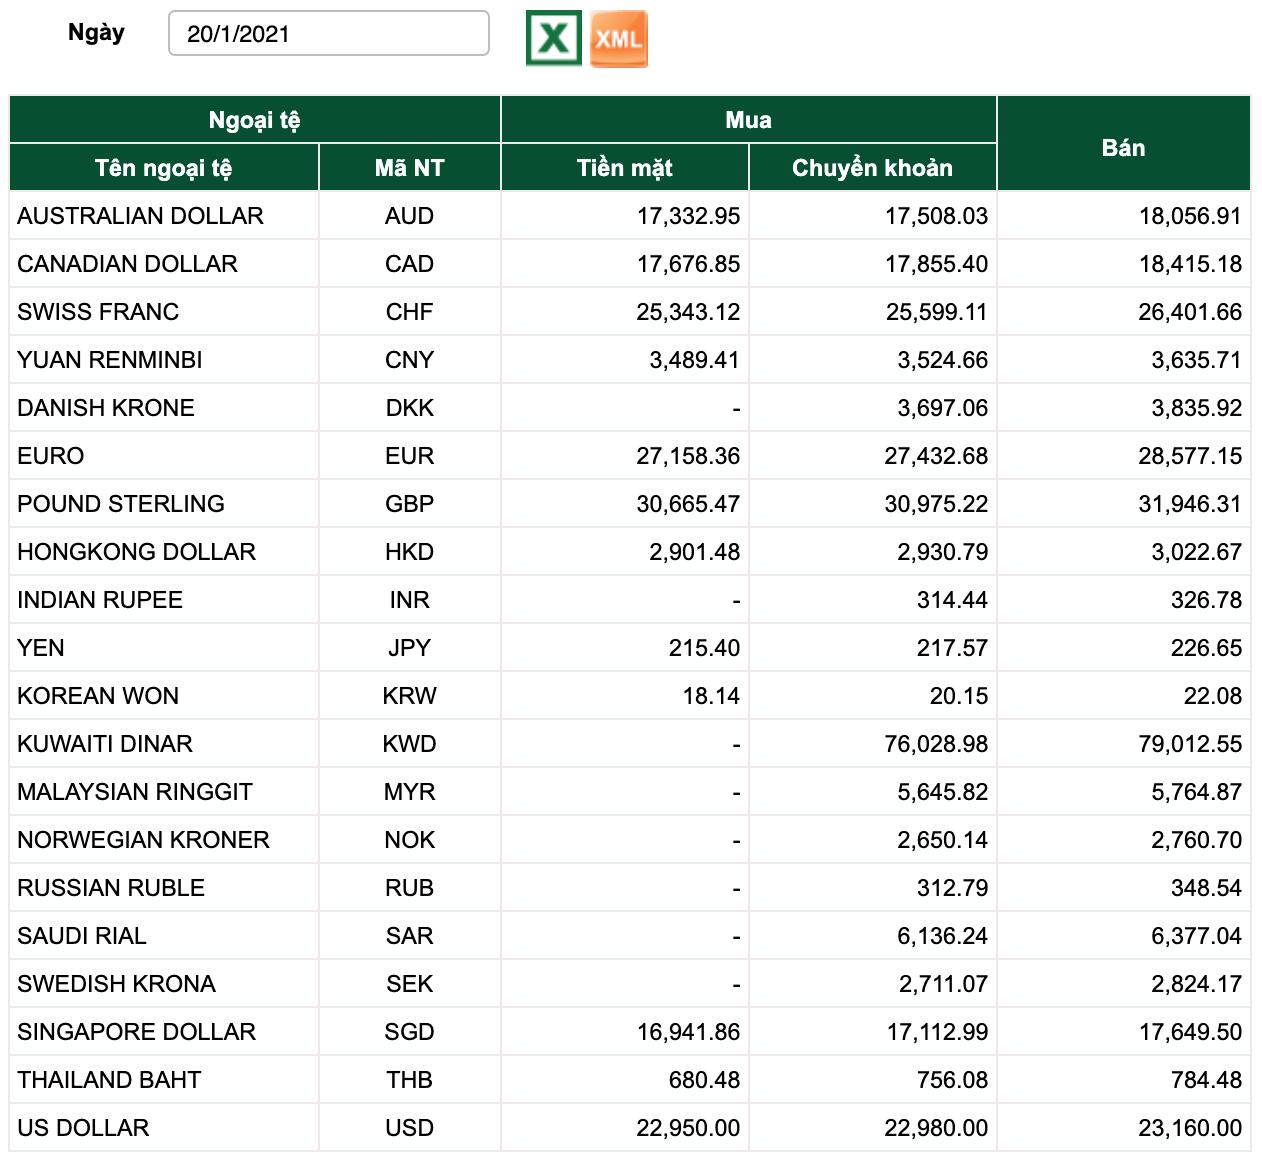 Tỷ giá Vietcombank hôm nay 20/1: Đồng Euro, bảng Anh tăng tốt